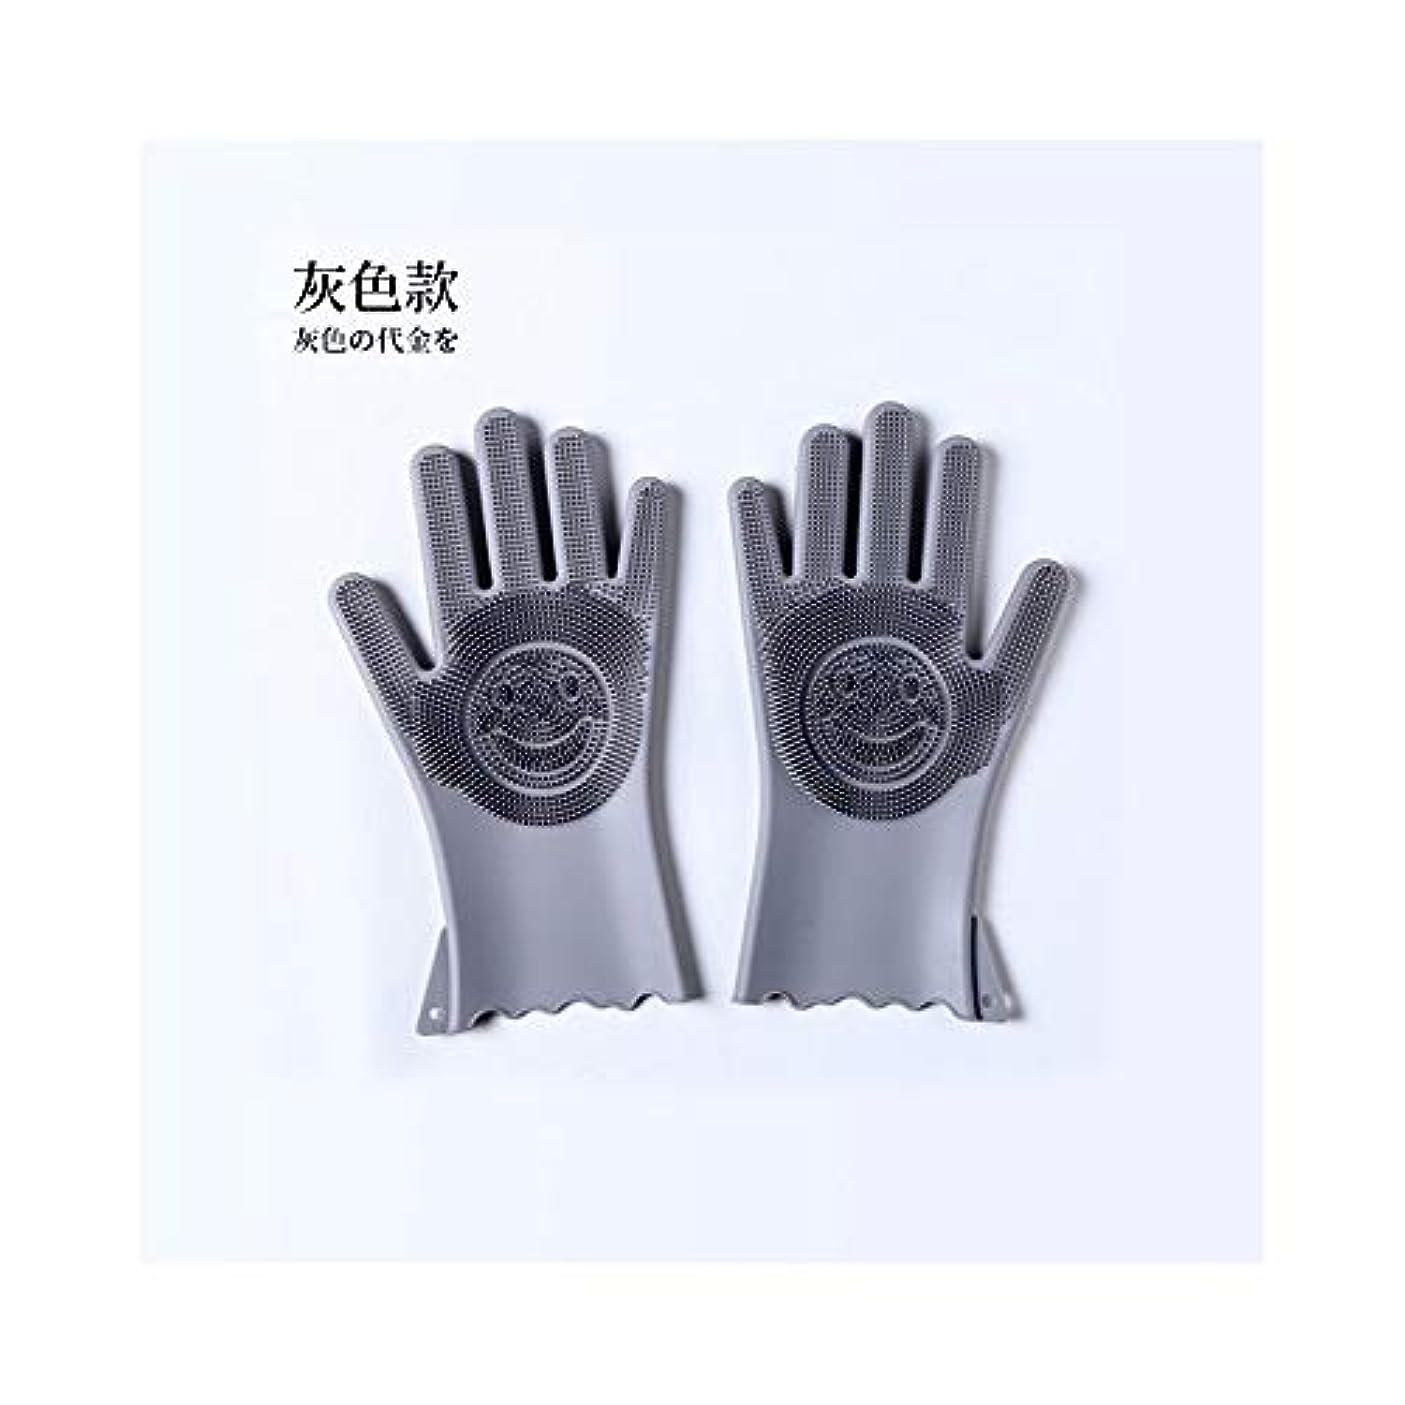 機械的ワーカー時期尚早BTXXYJP キッチン用手袋 手袋 食器洗い 作業 泡立ち 食器洗い 炊事 掃除 園芸 洗車 防水 手袋 (Color : Gray, Size : M)